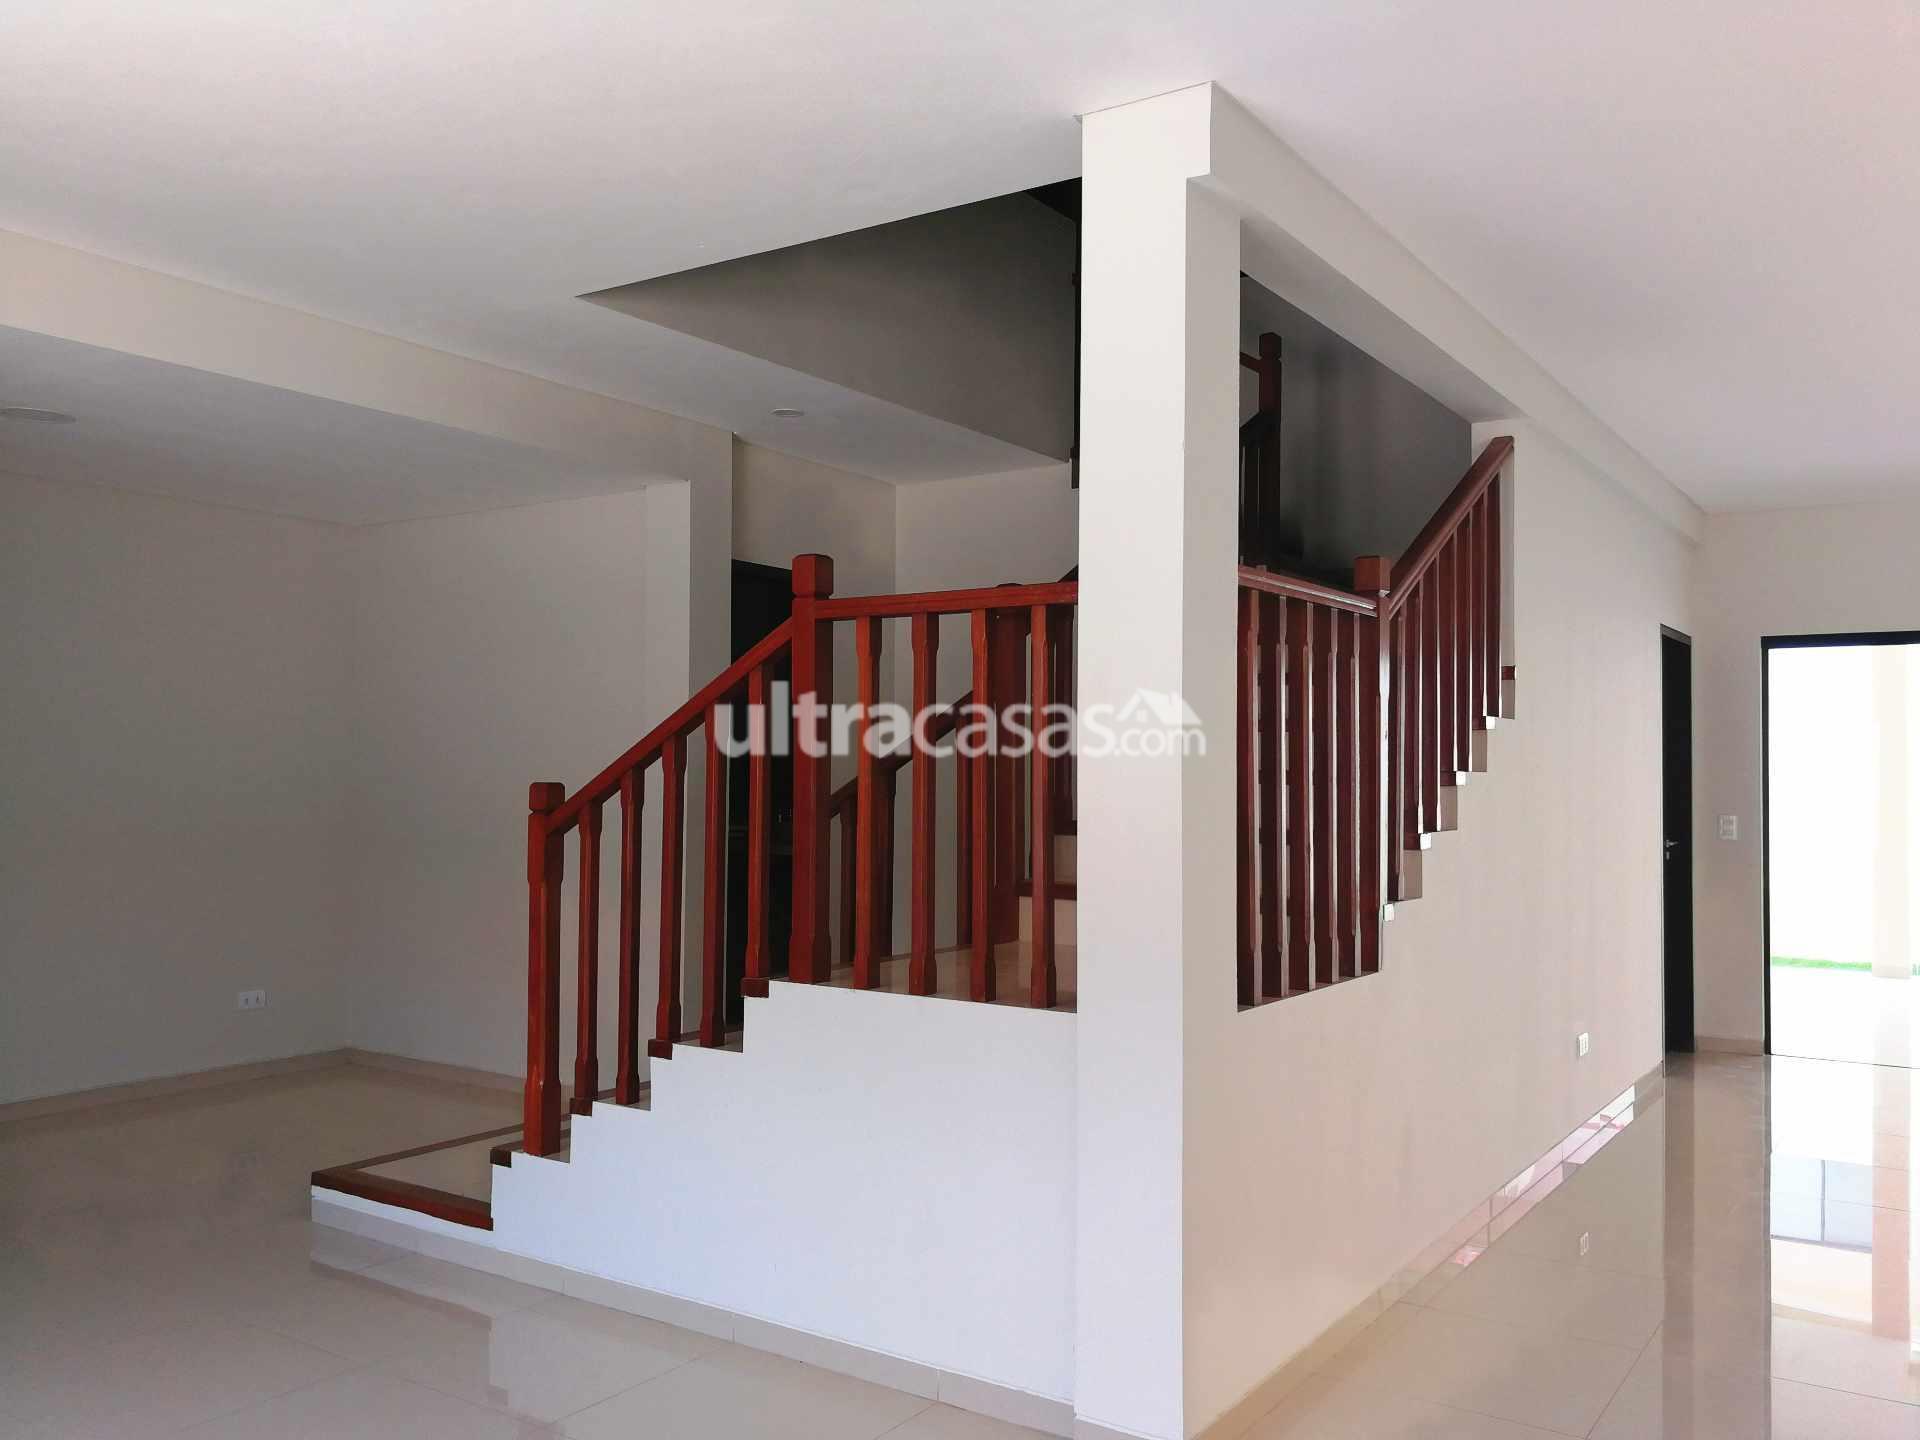 Casa en Anticretico Av. Beni 8vo. Anillo Foto 10